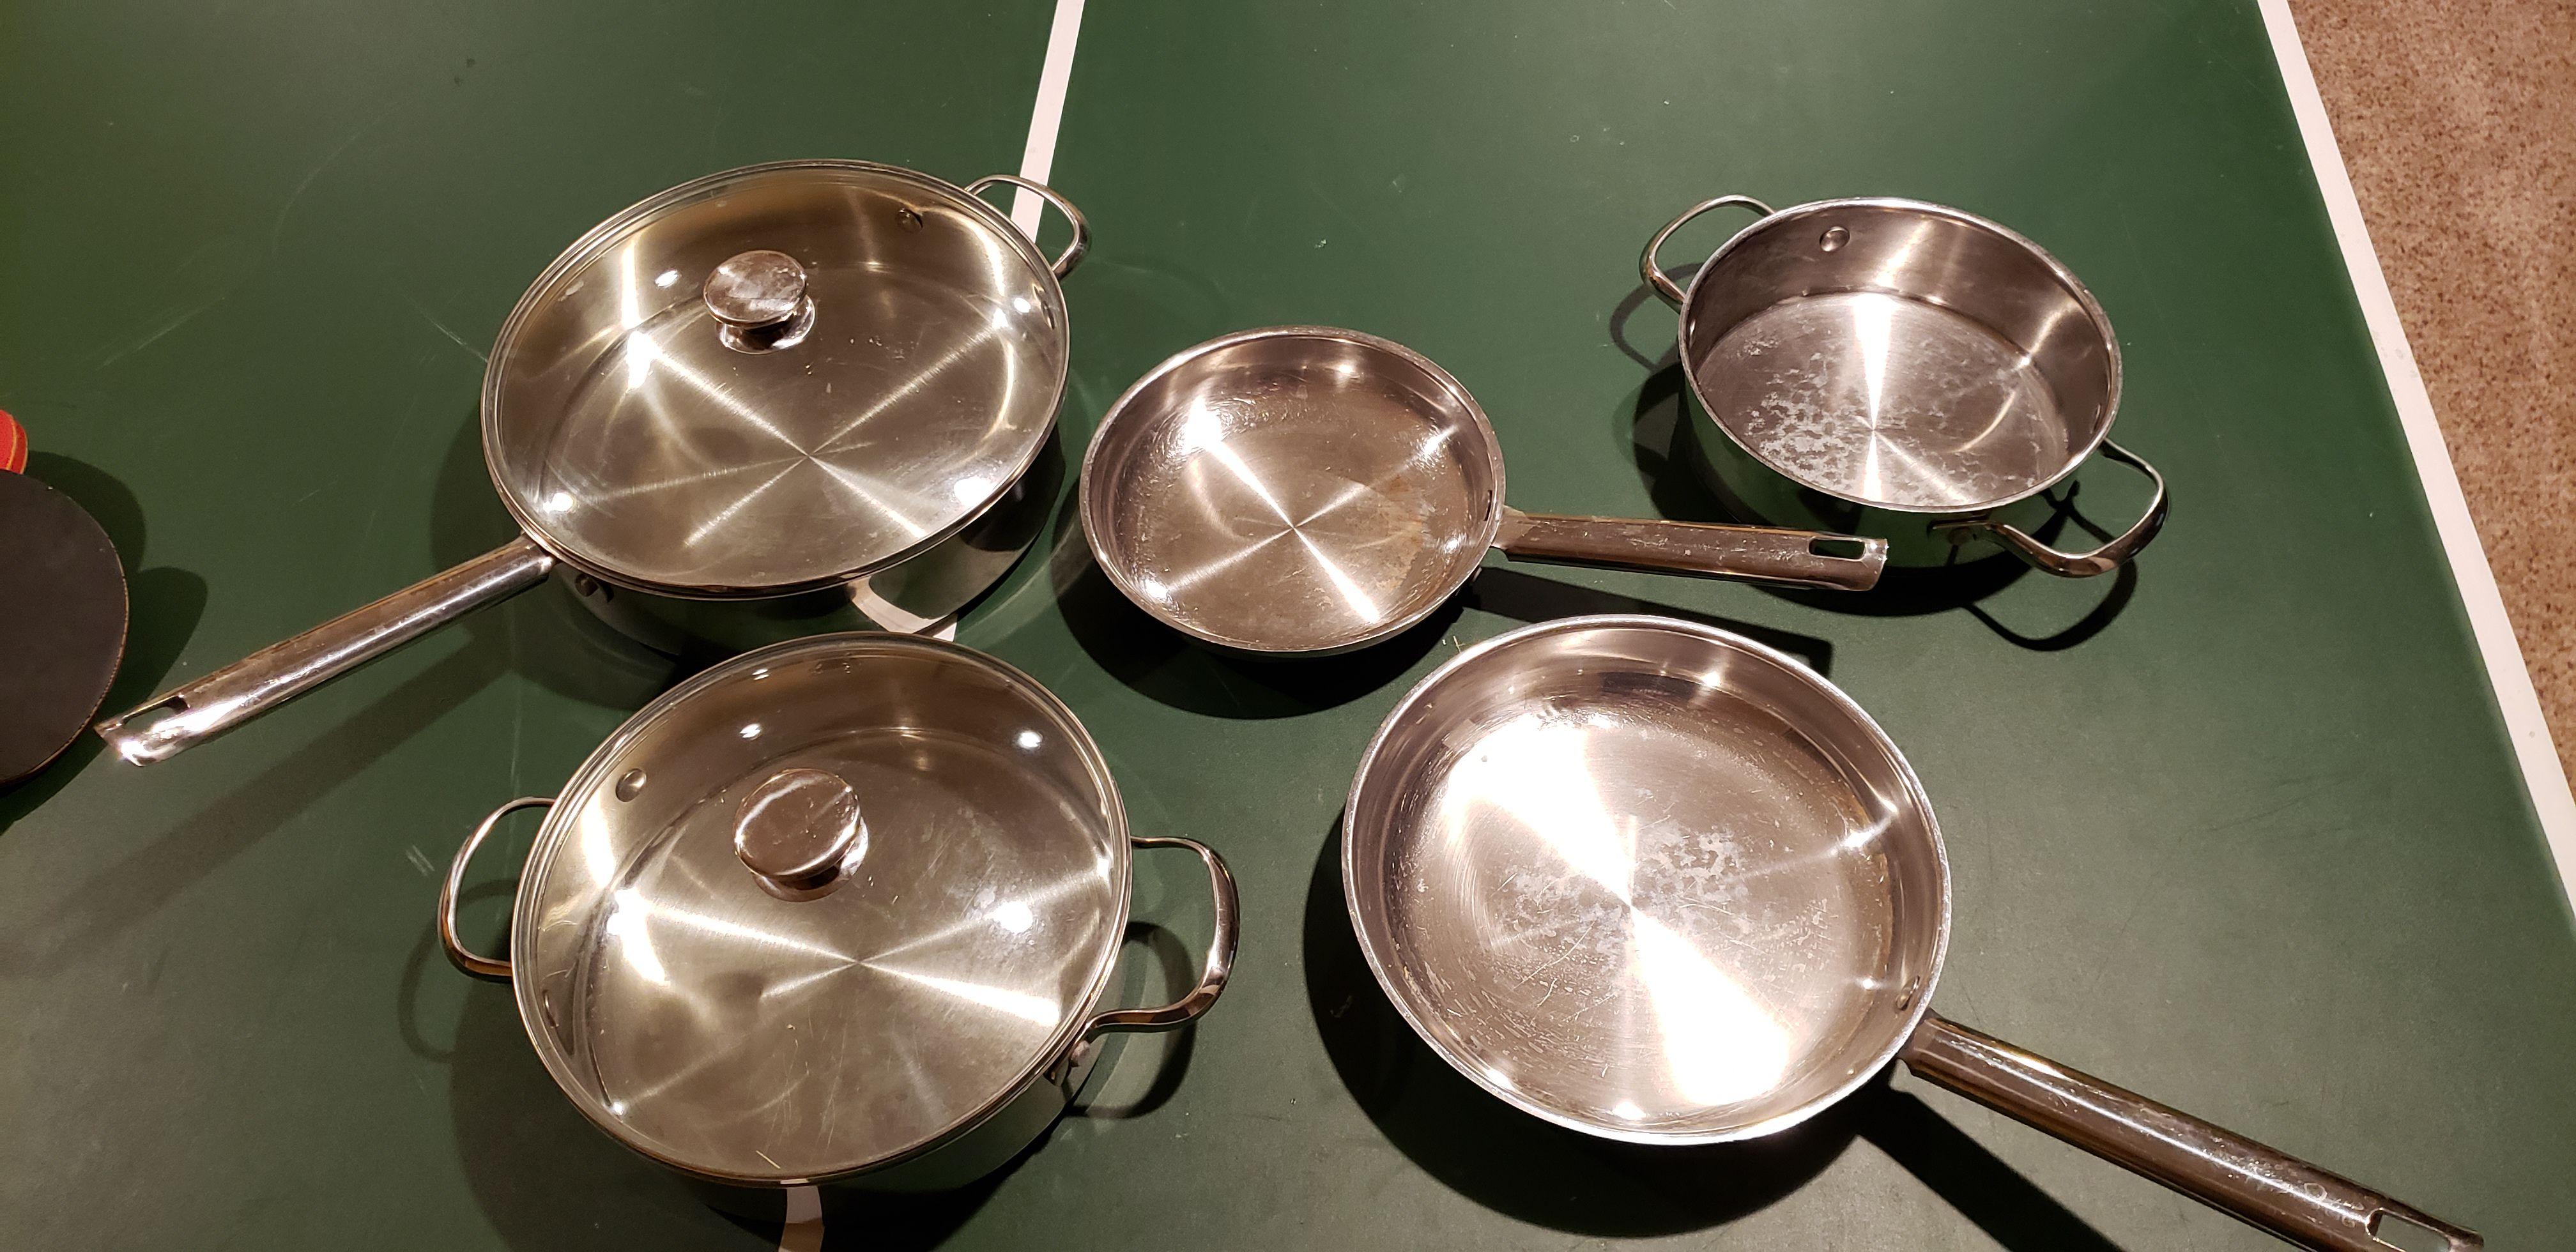 Set of Pans image 1